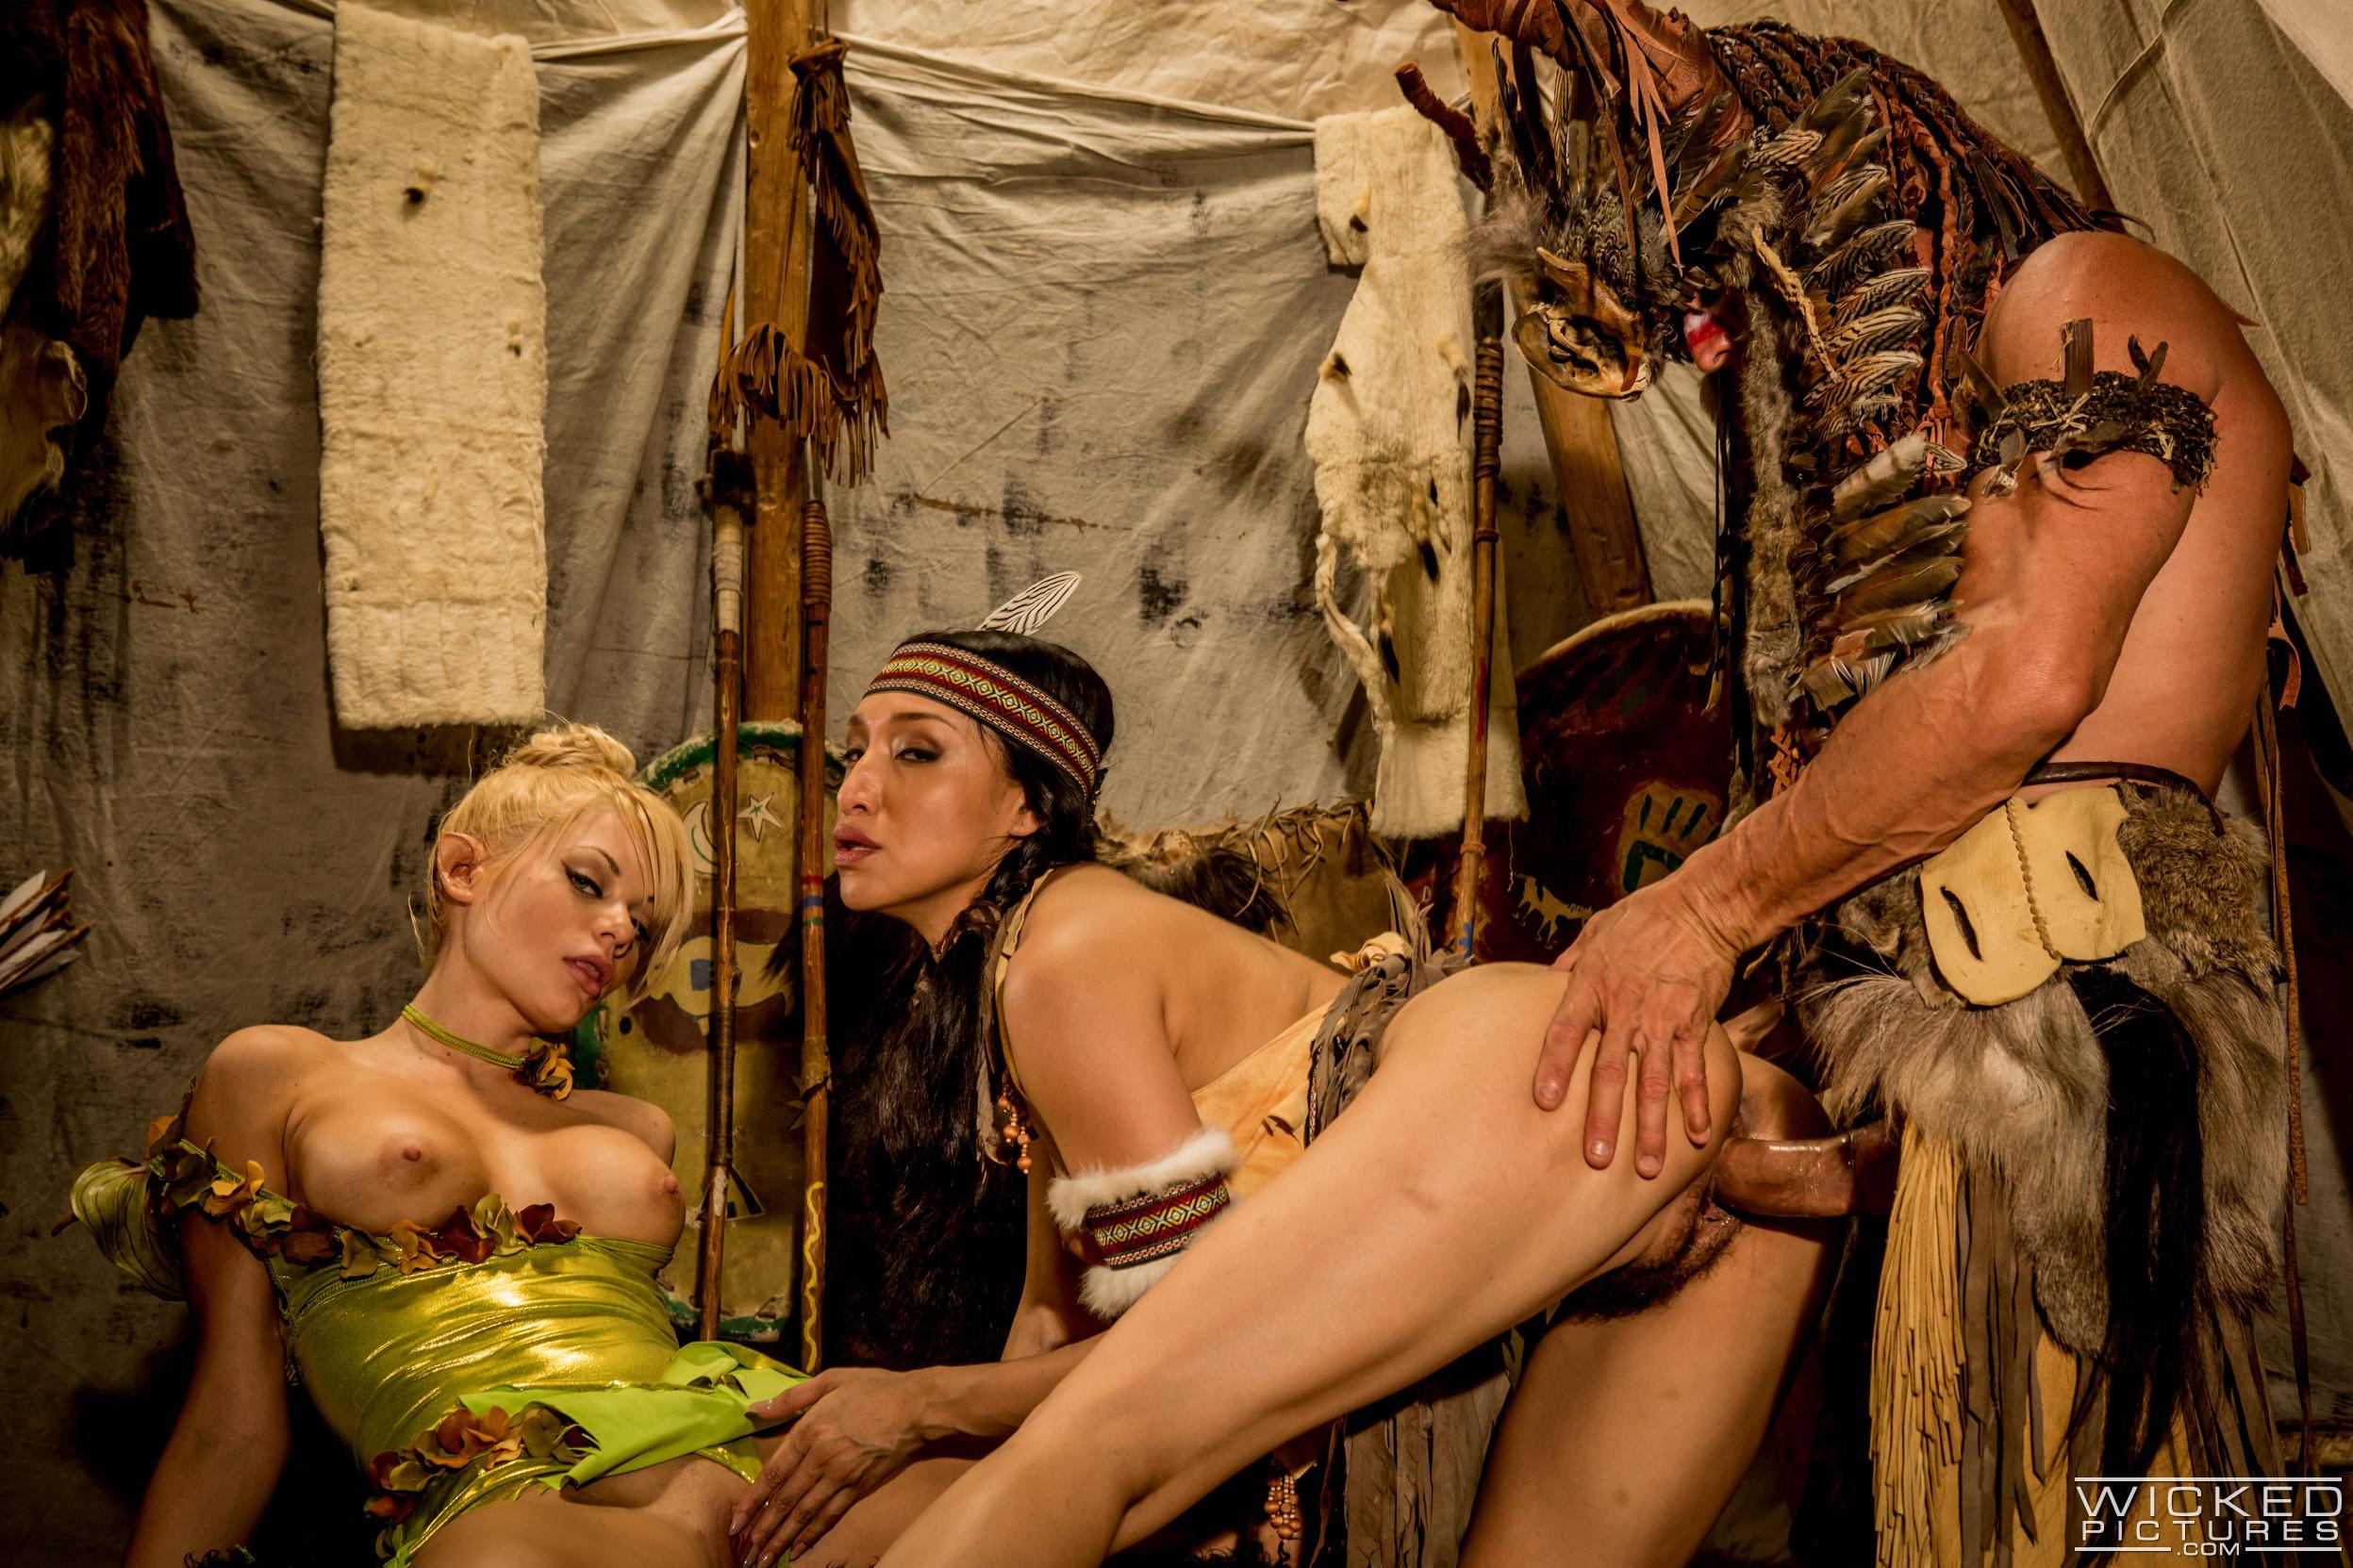 ночь исторические эротические фильмы порно одновременно выслушали лекцию